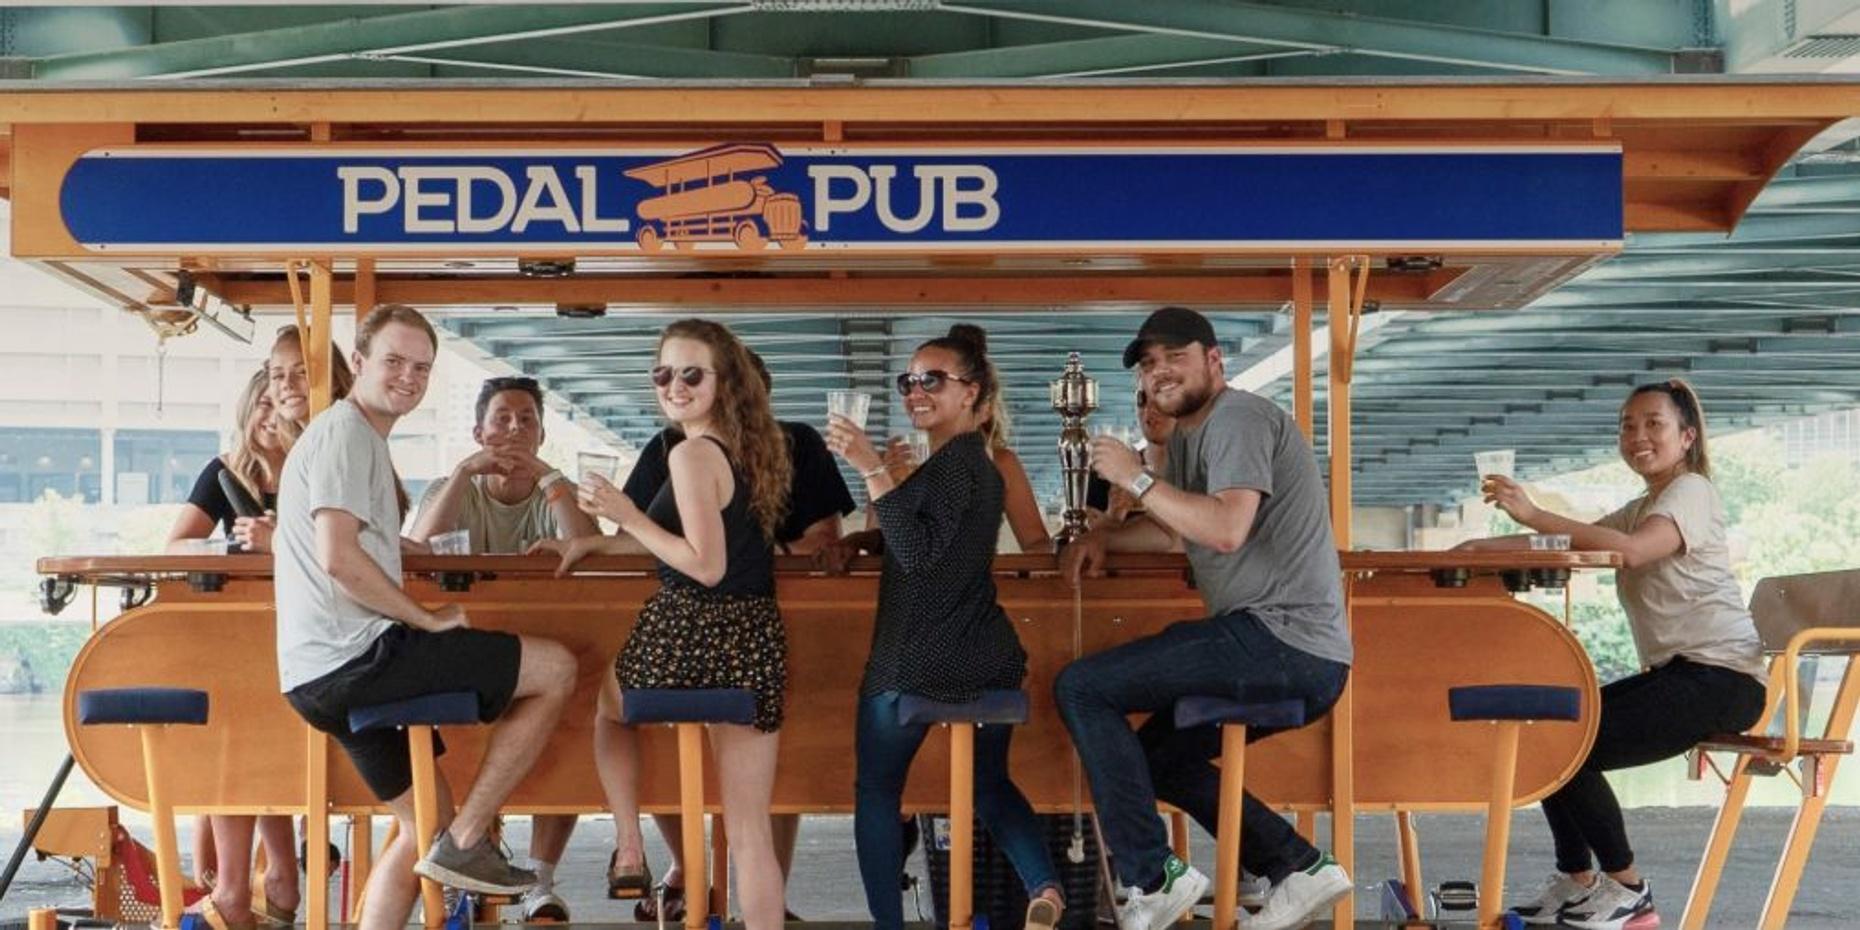 Downtown Minneapolis Pedal Pub Tour